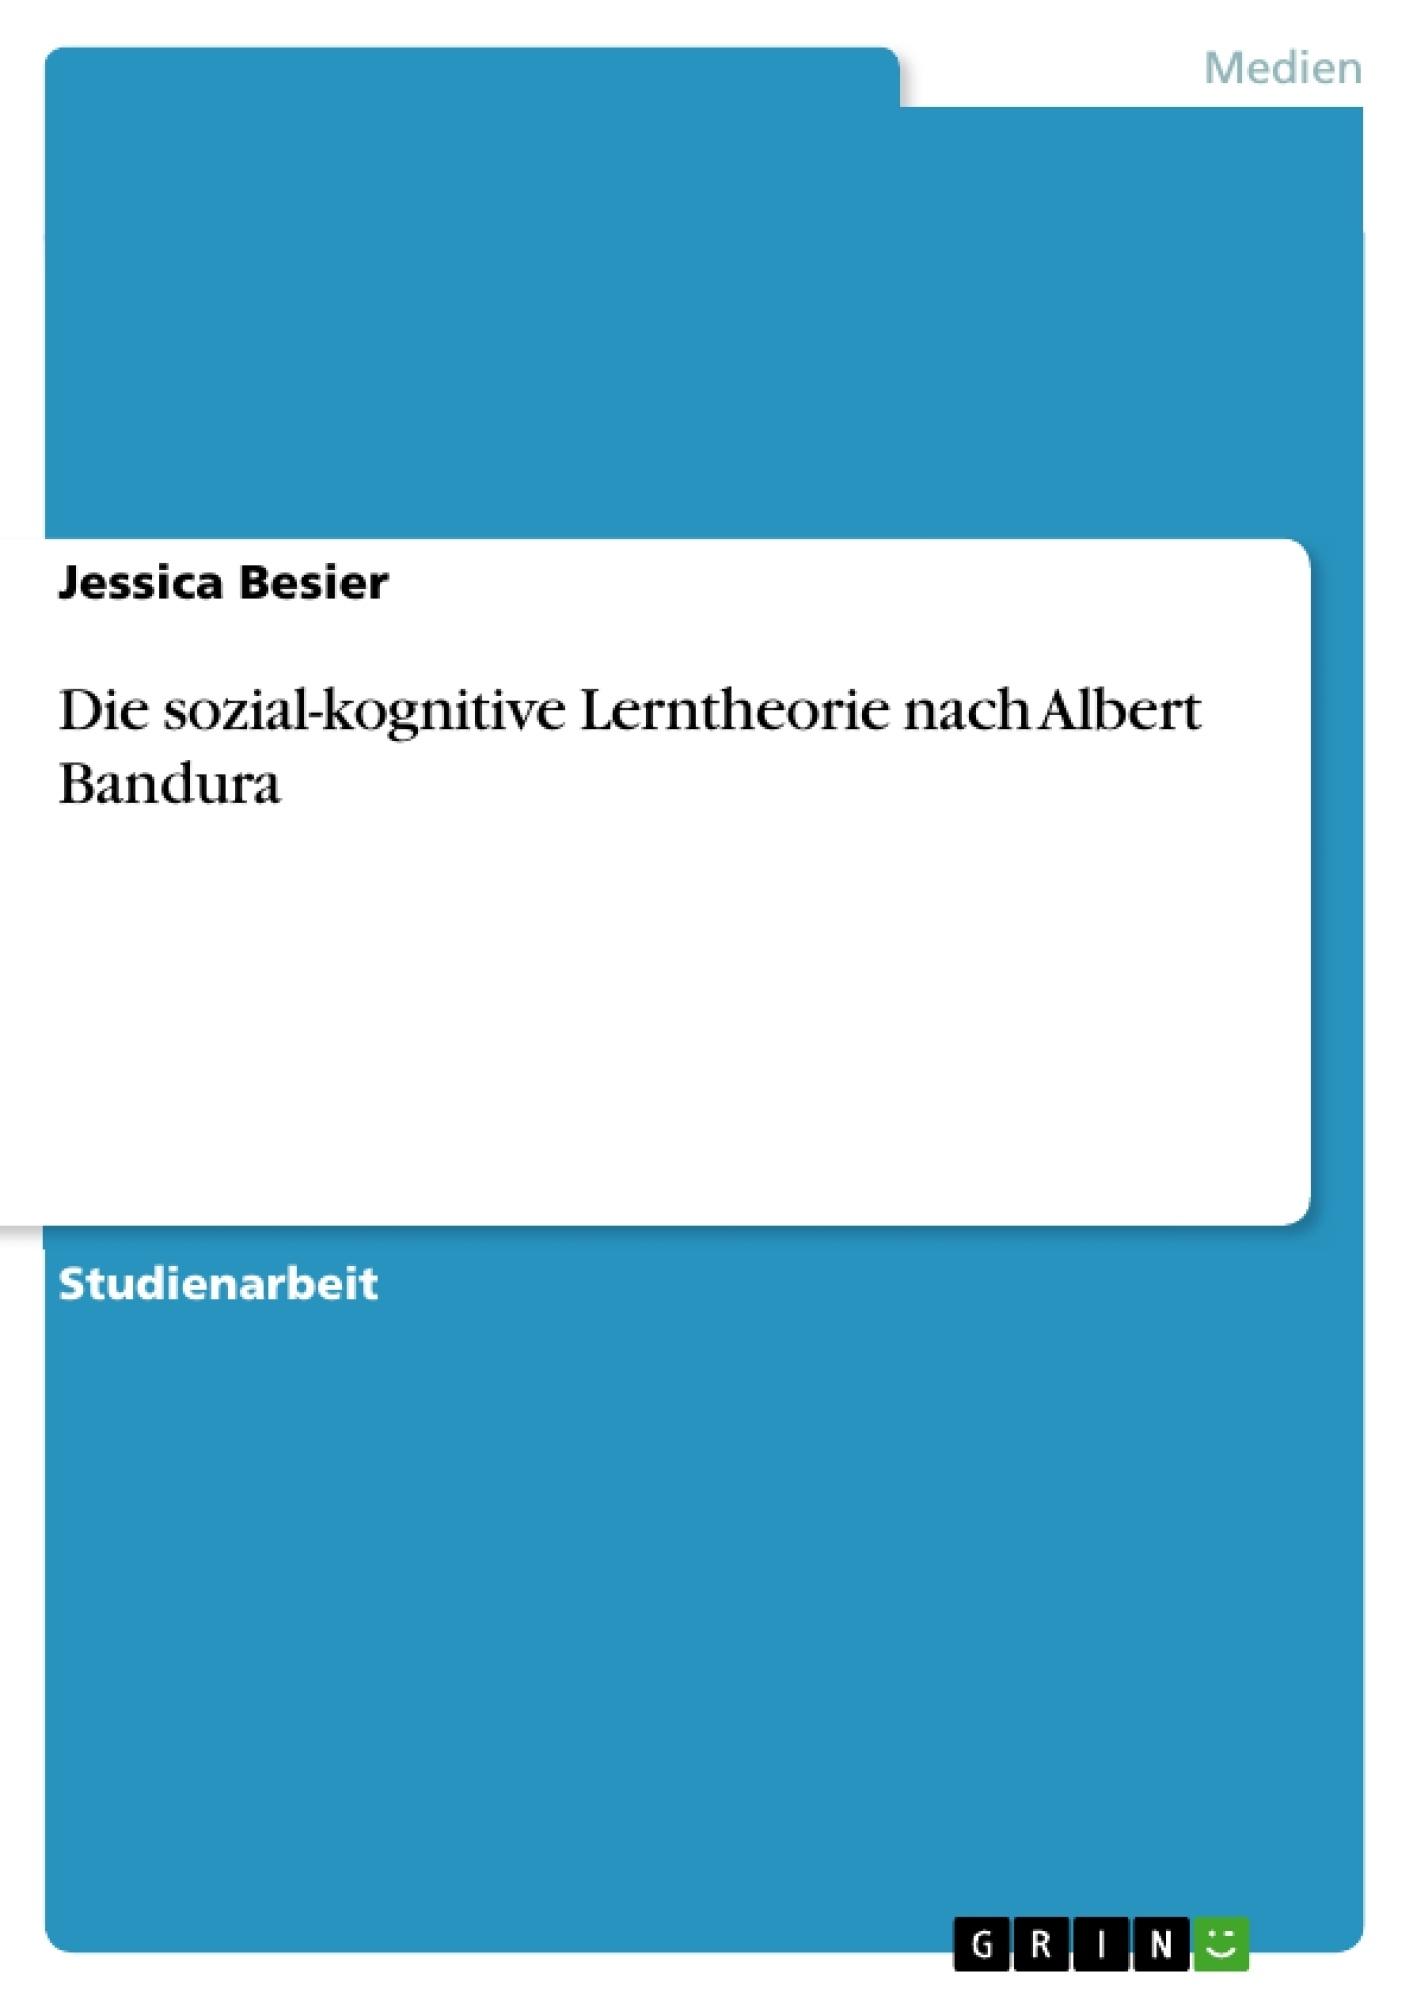 Titel: Die sozial-kognitive Lerntheorie nach Albert Bandura